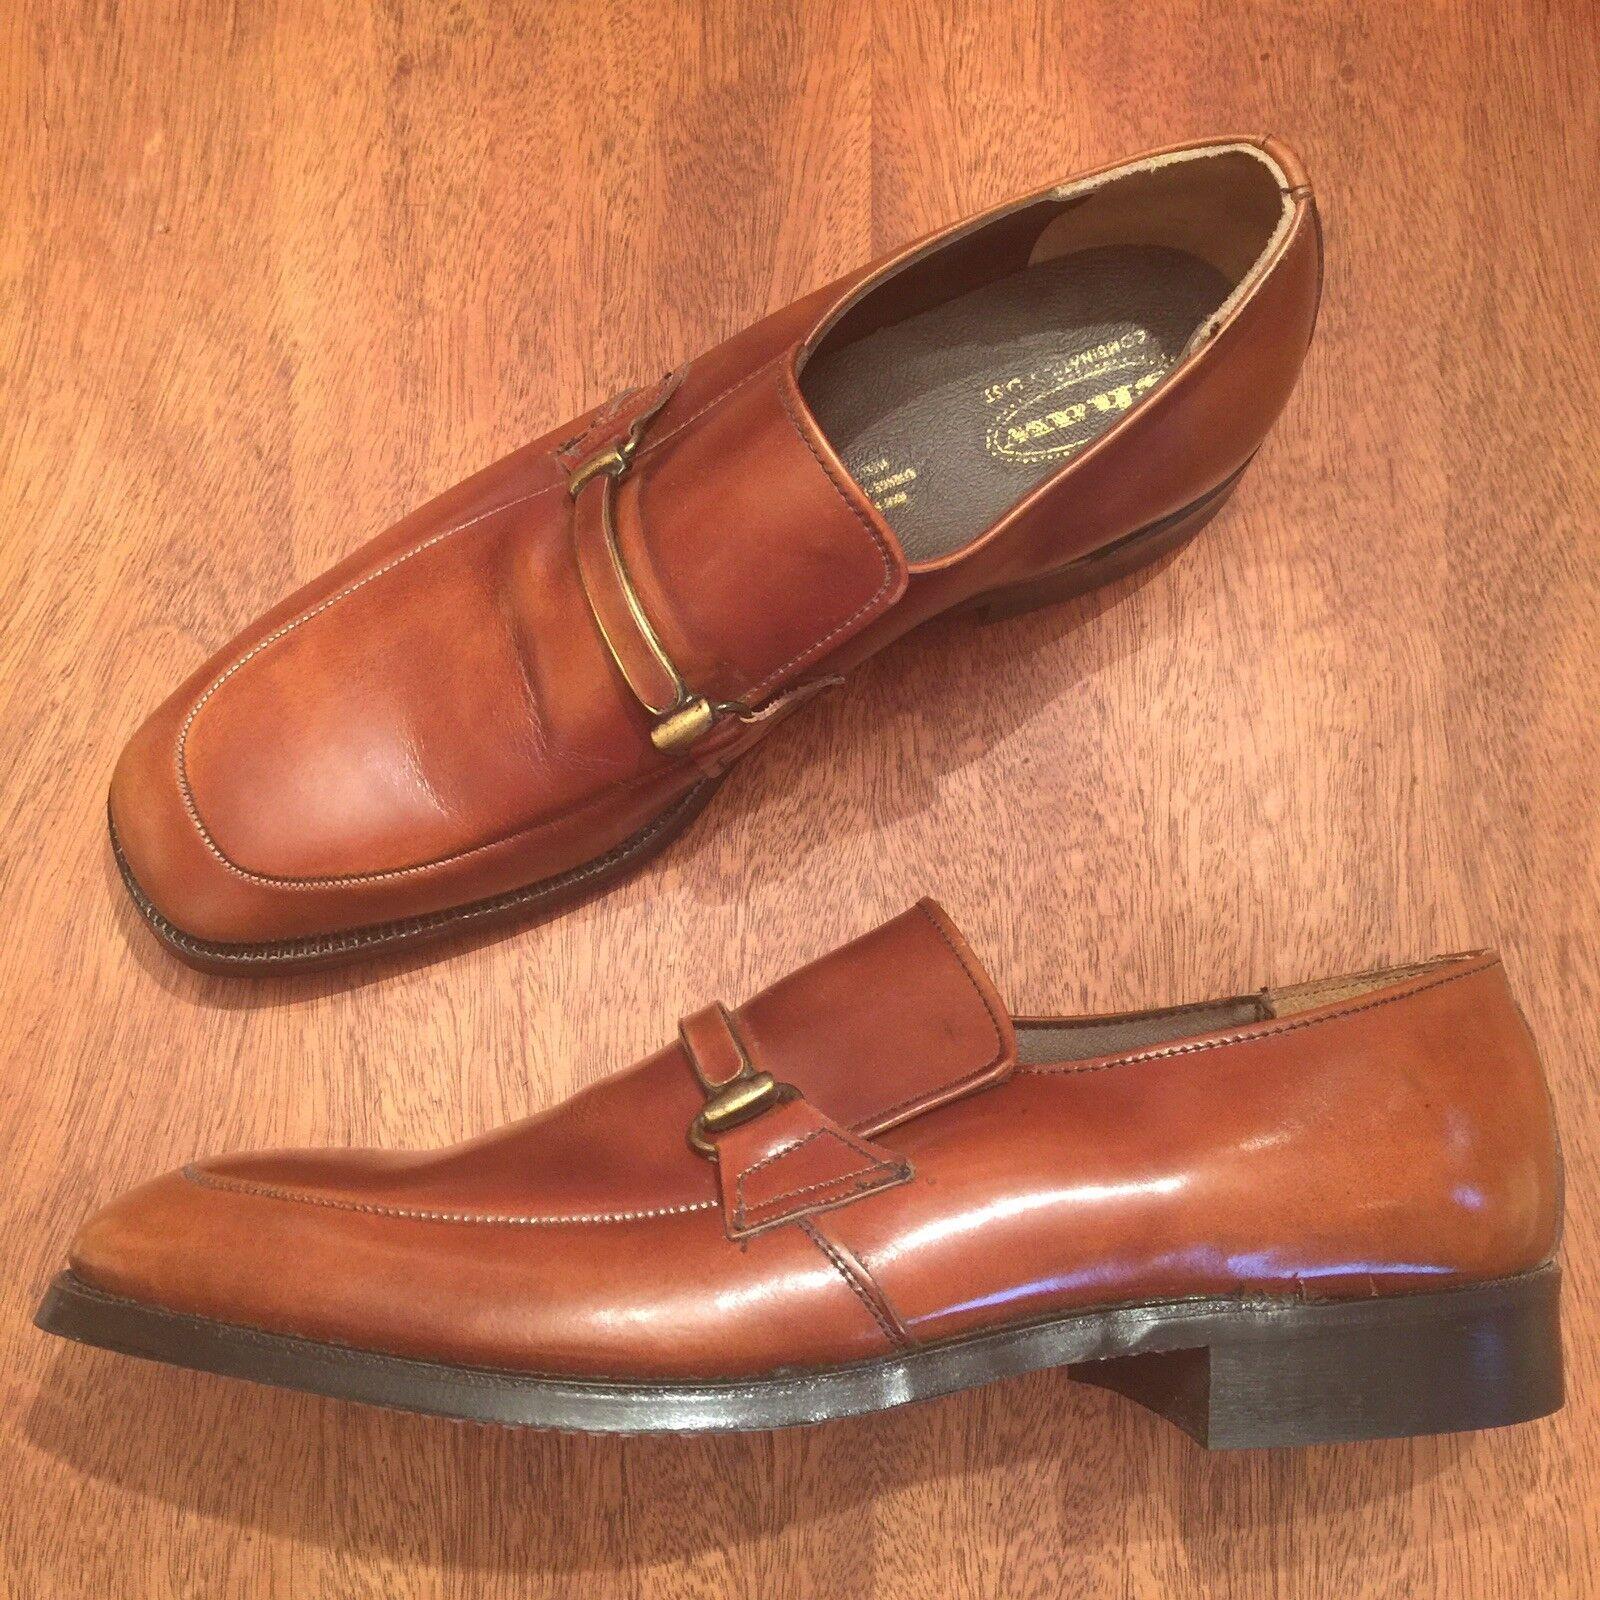 VTG SHAW Handmade Dress shoes Cognac Brown Leather Steel Shank Loafer Slip On 8